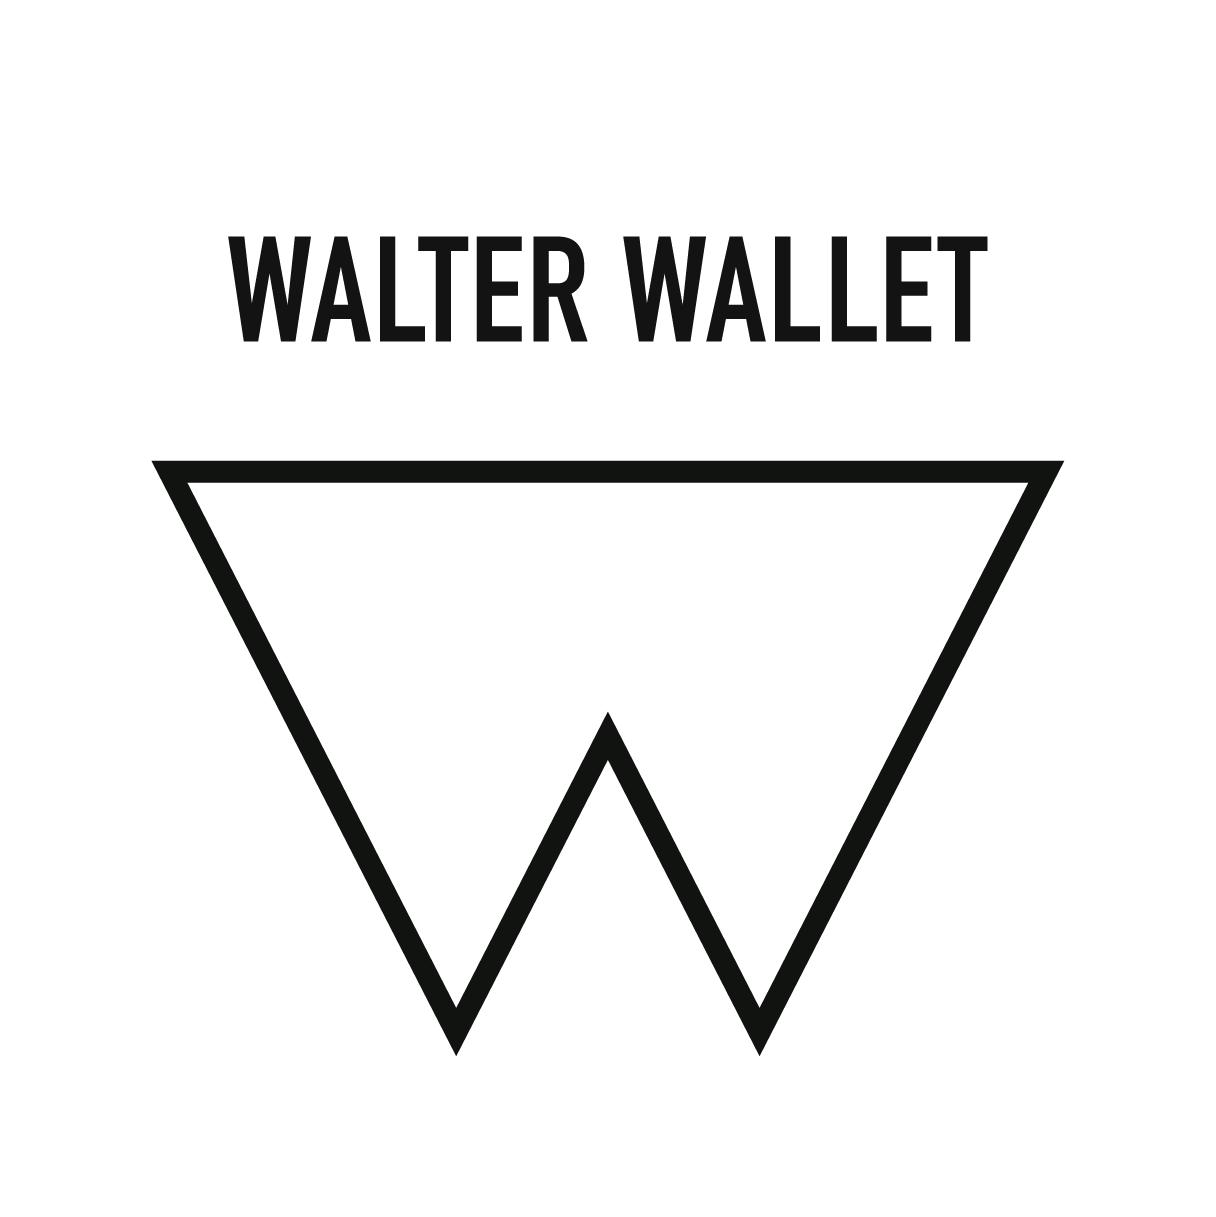 20% korting op alle Walter Wallet producten